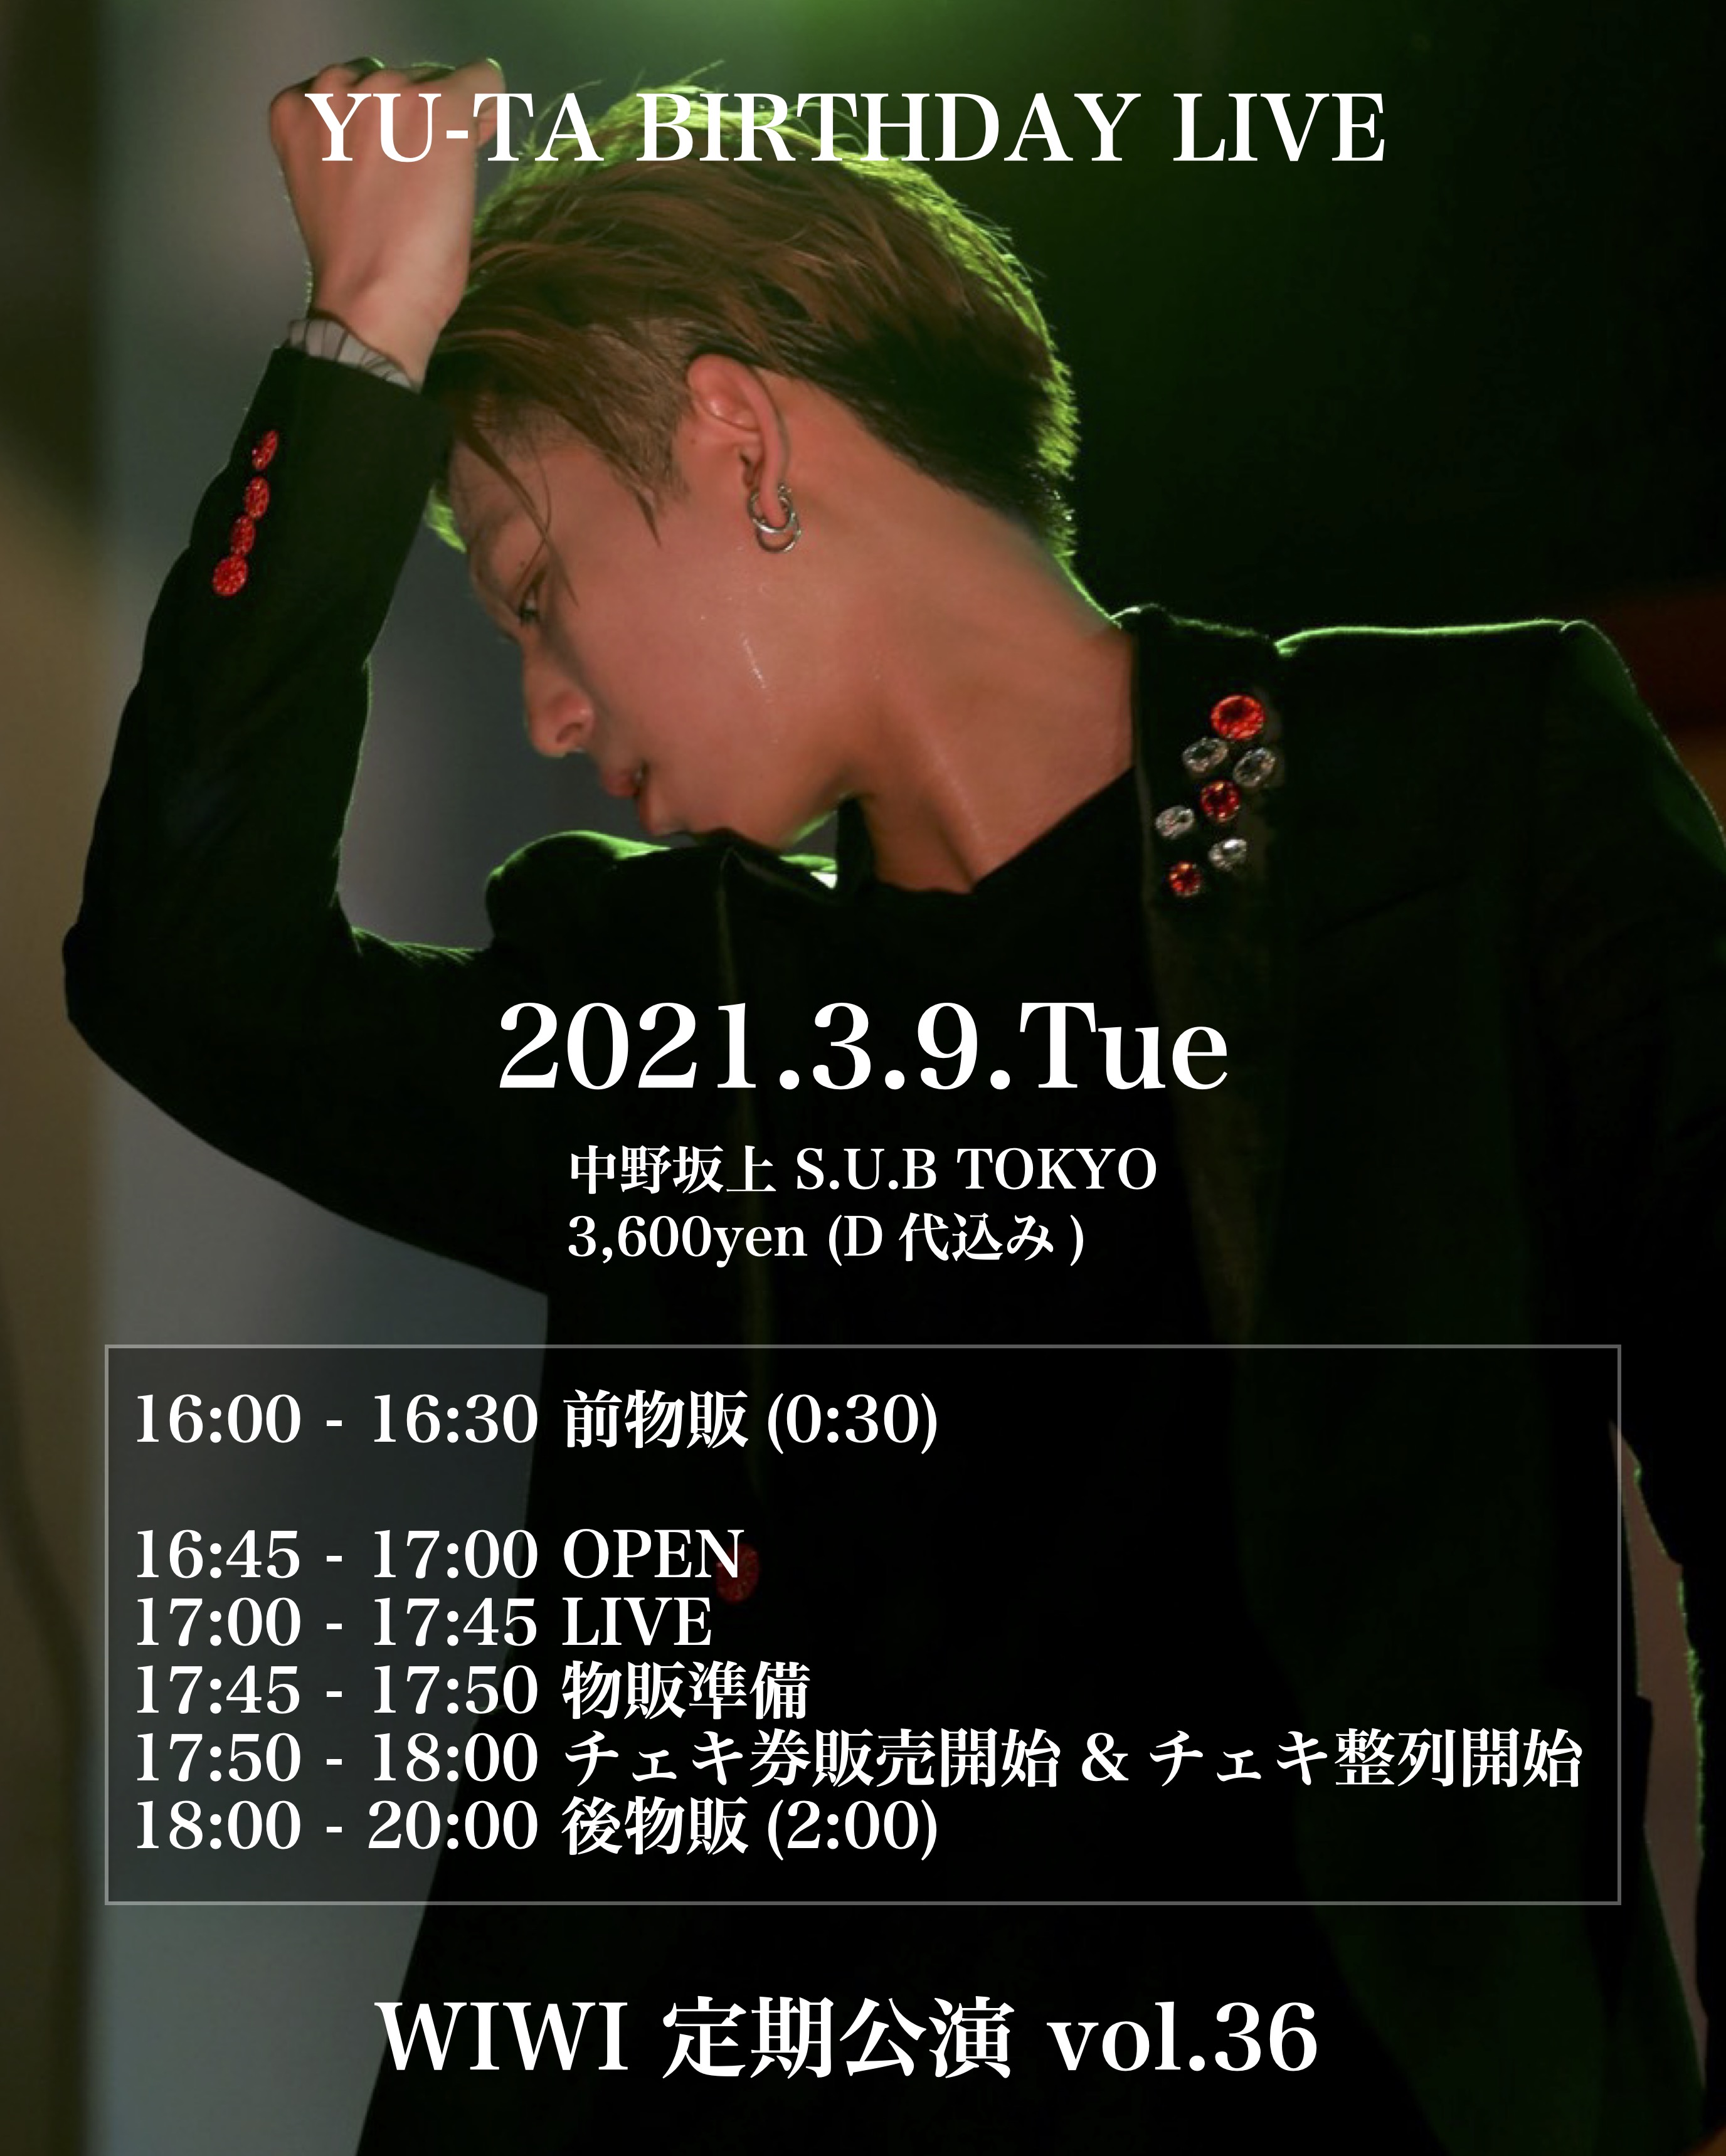 WIWI【西新宿】定期公演 vol.36~YU-TA BIRTHDAY LIVE~